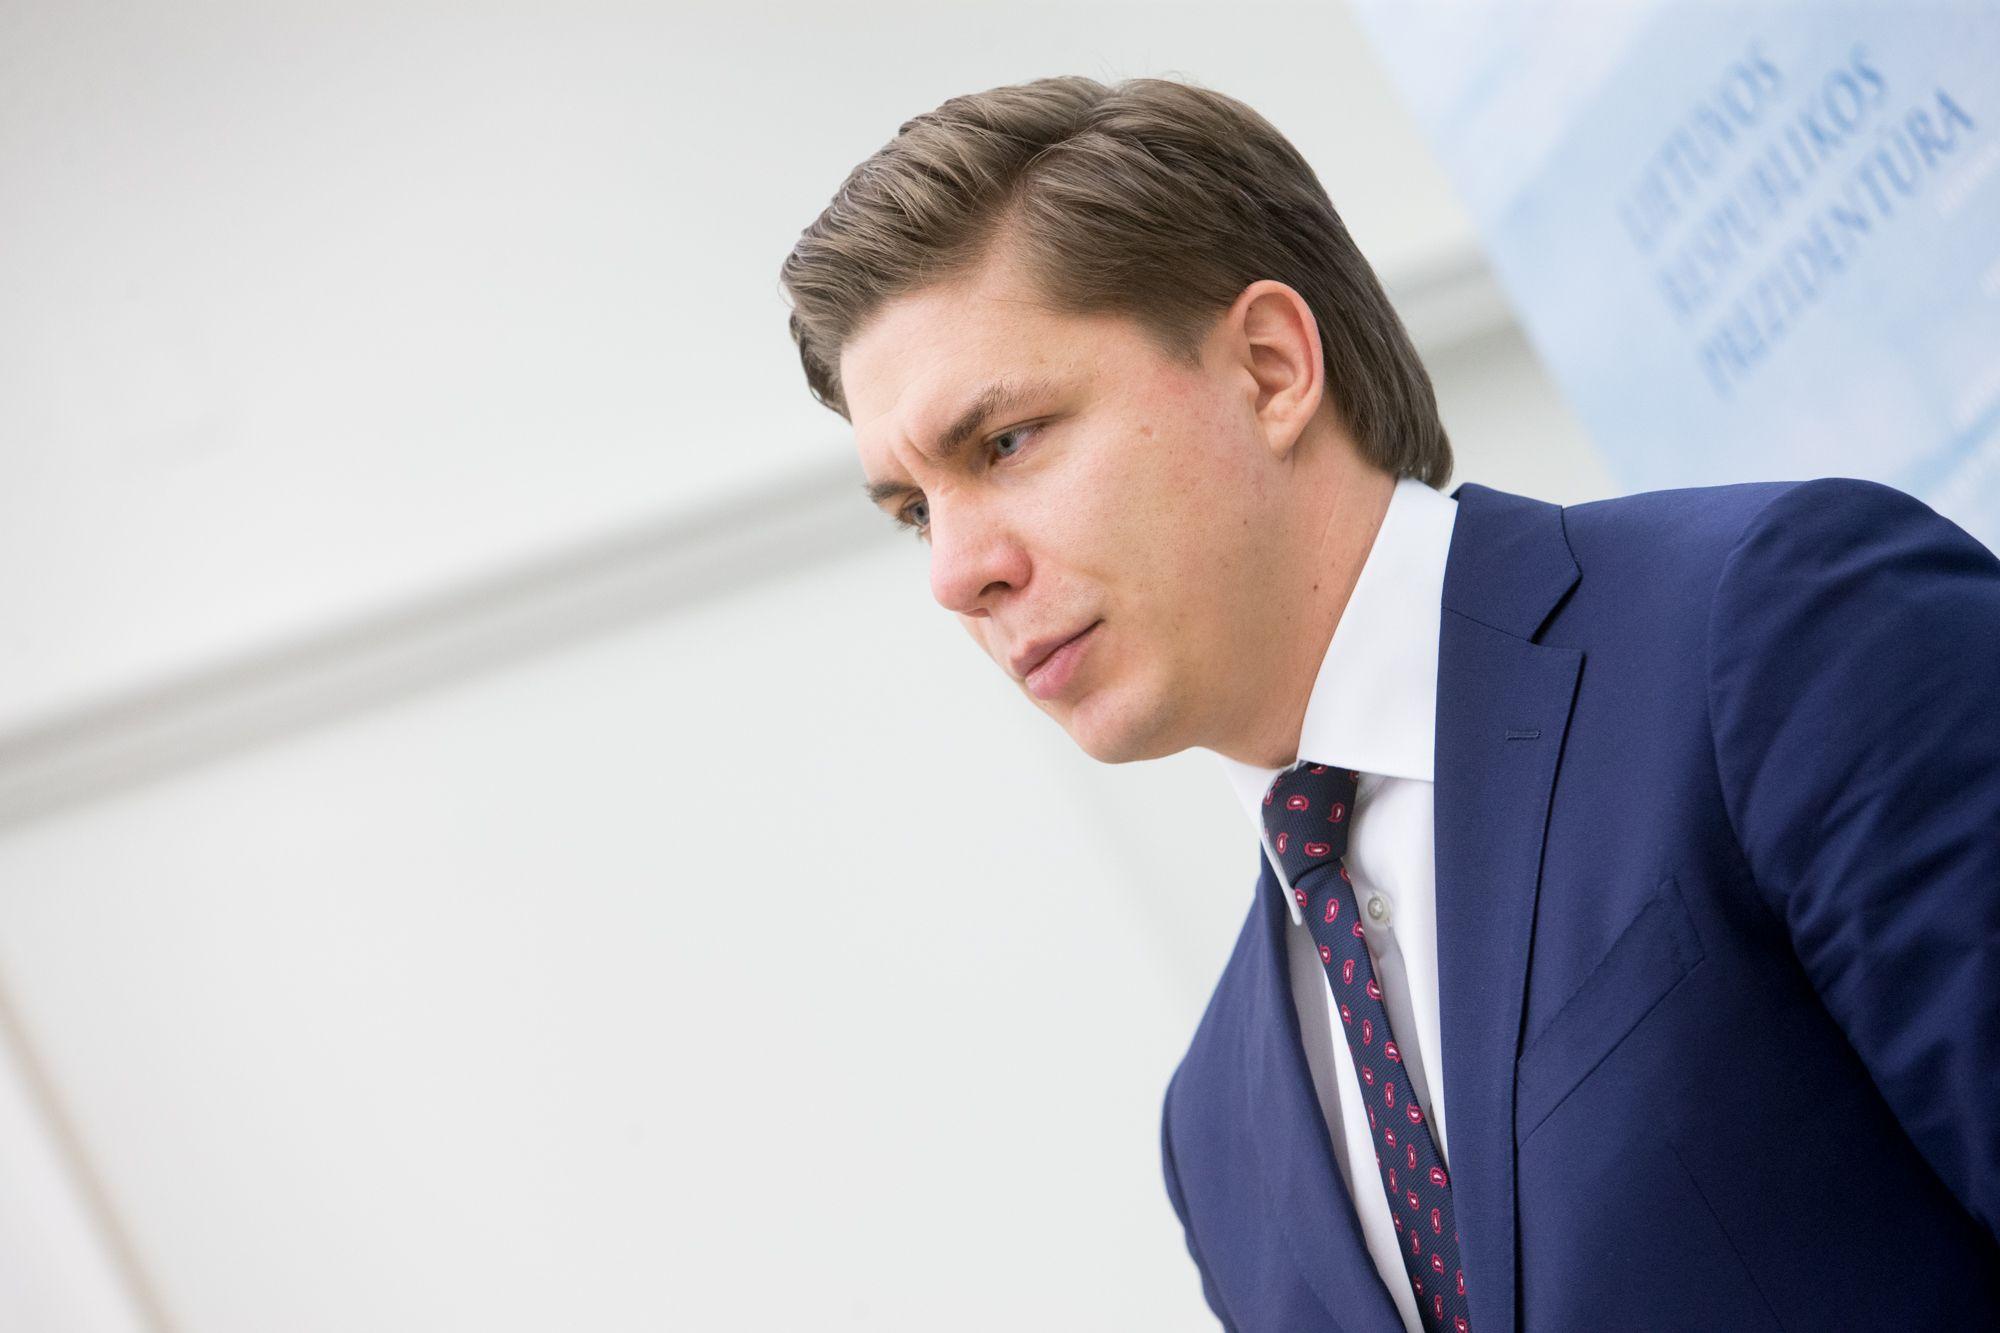 """Mindaugas Sinkevičius, ūkio ministras: """"Kai kurios iš mūsų pasiūlytų priemonių bus įtrauktos į Vyriausybės programos įgyvendinimo priemonių planą."""" Juditos grigelytės (VŽ) nuotr."""